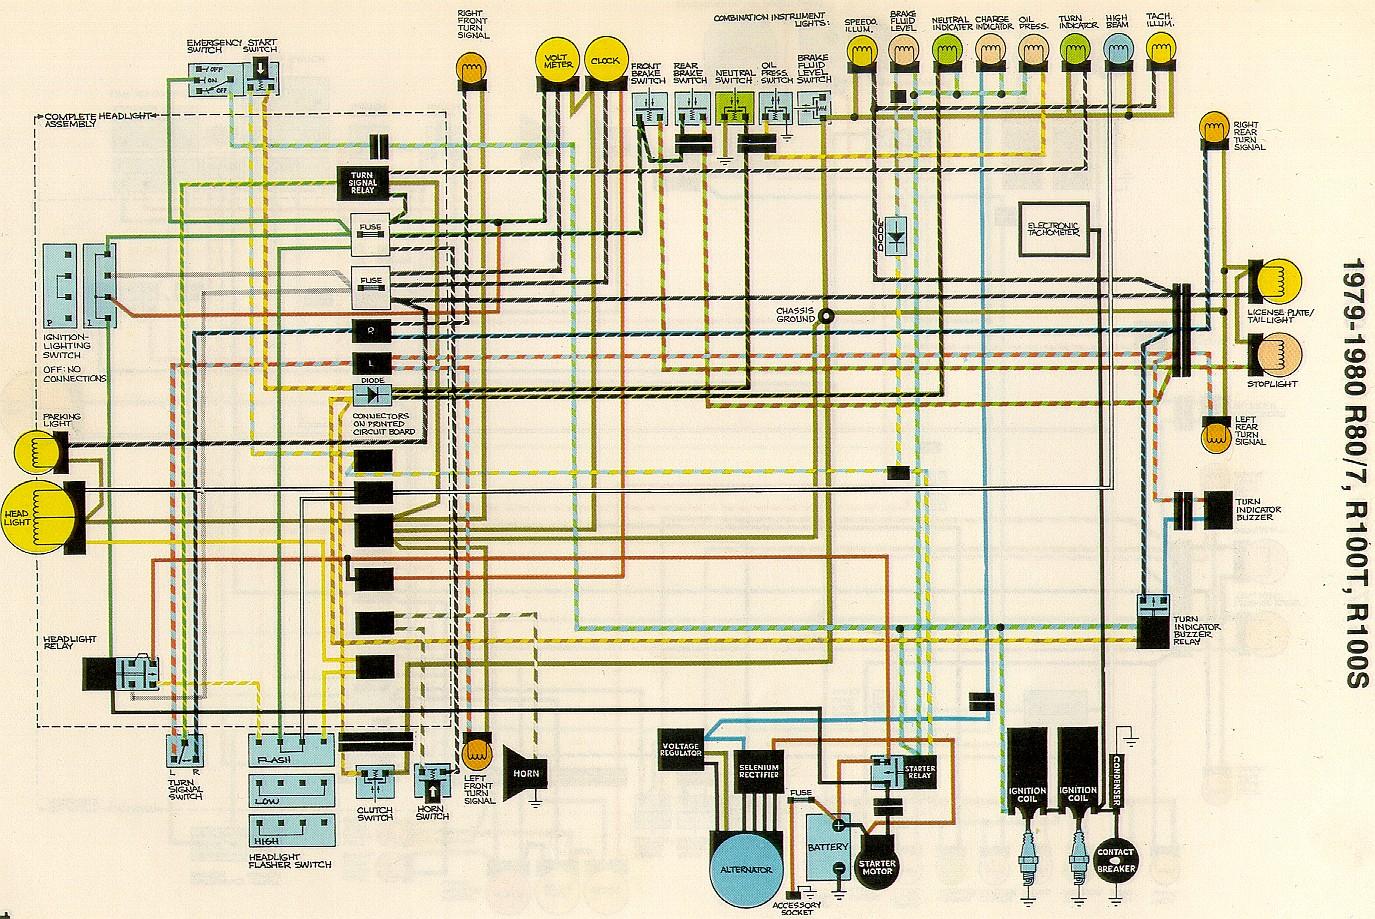 Diagram Bmw R75 Wiring Diagram Full Version Hd Quality Wiring Diagram Diagramweino Newton114 It